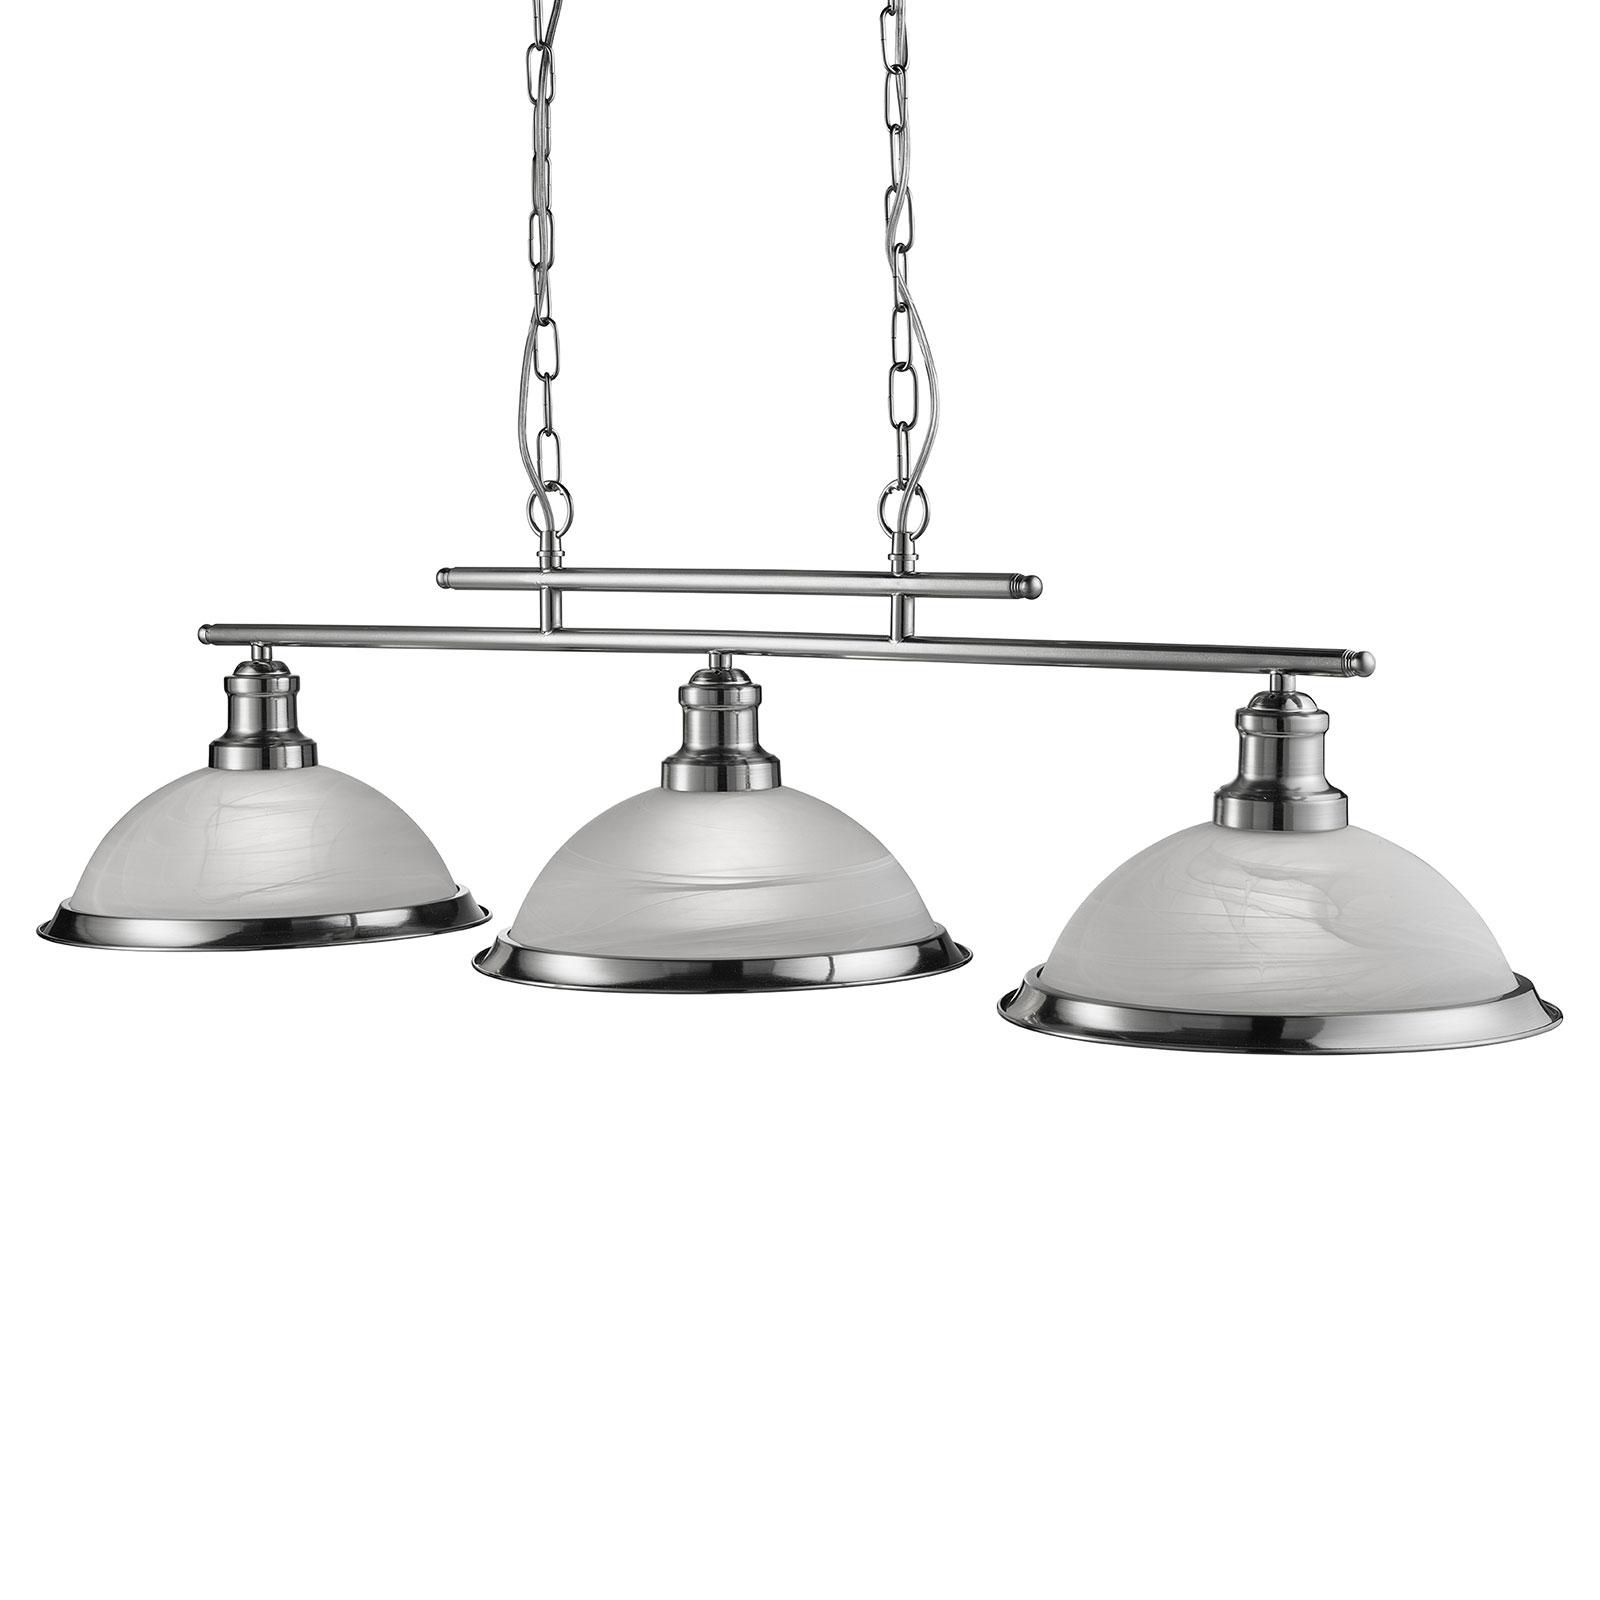 Lampa wisząca Bistro, 3-punktowa, srebrna